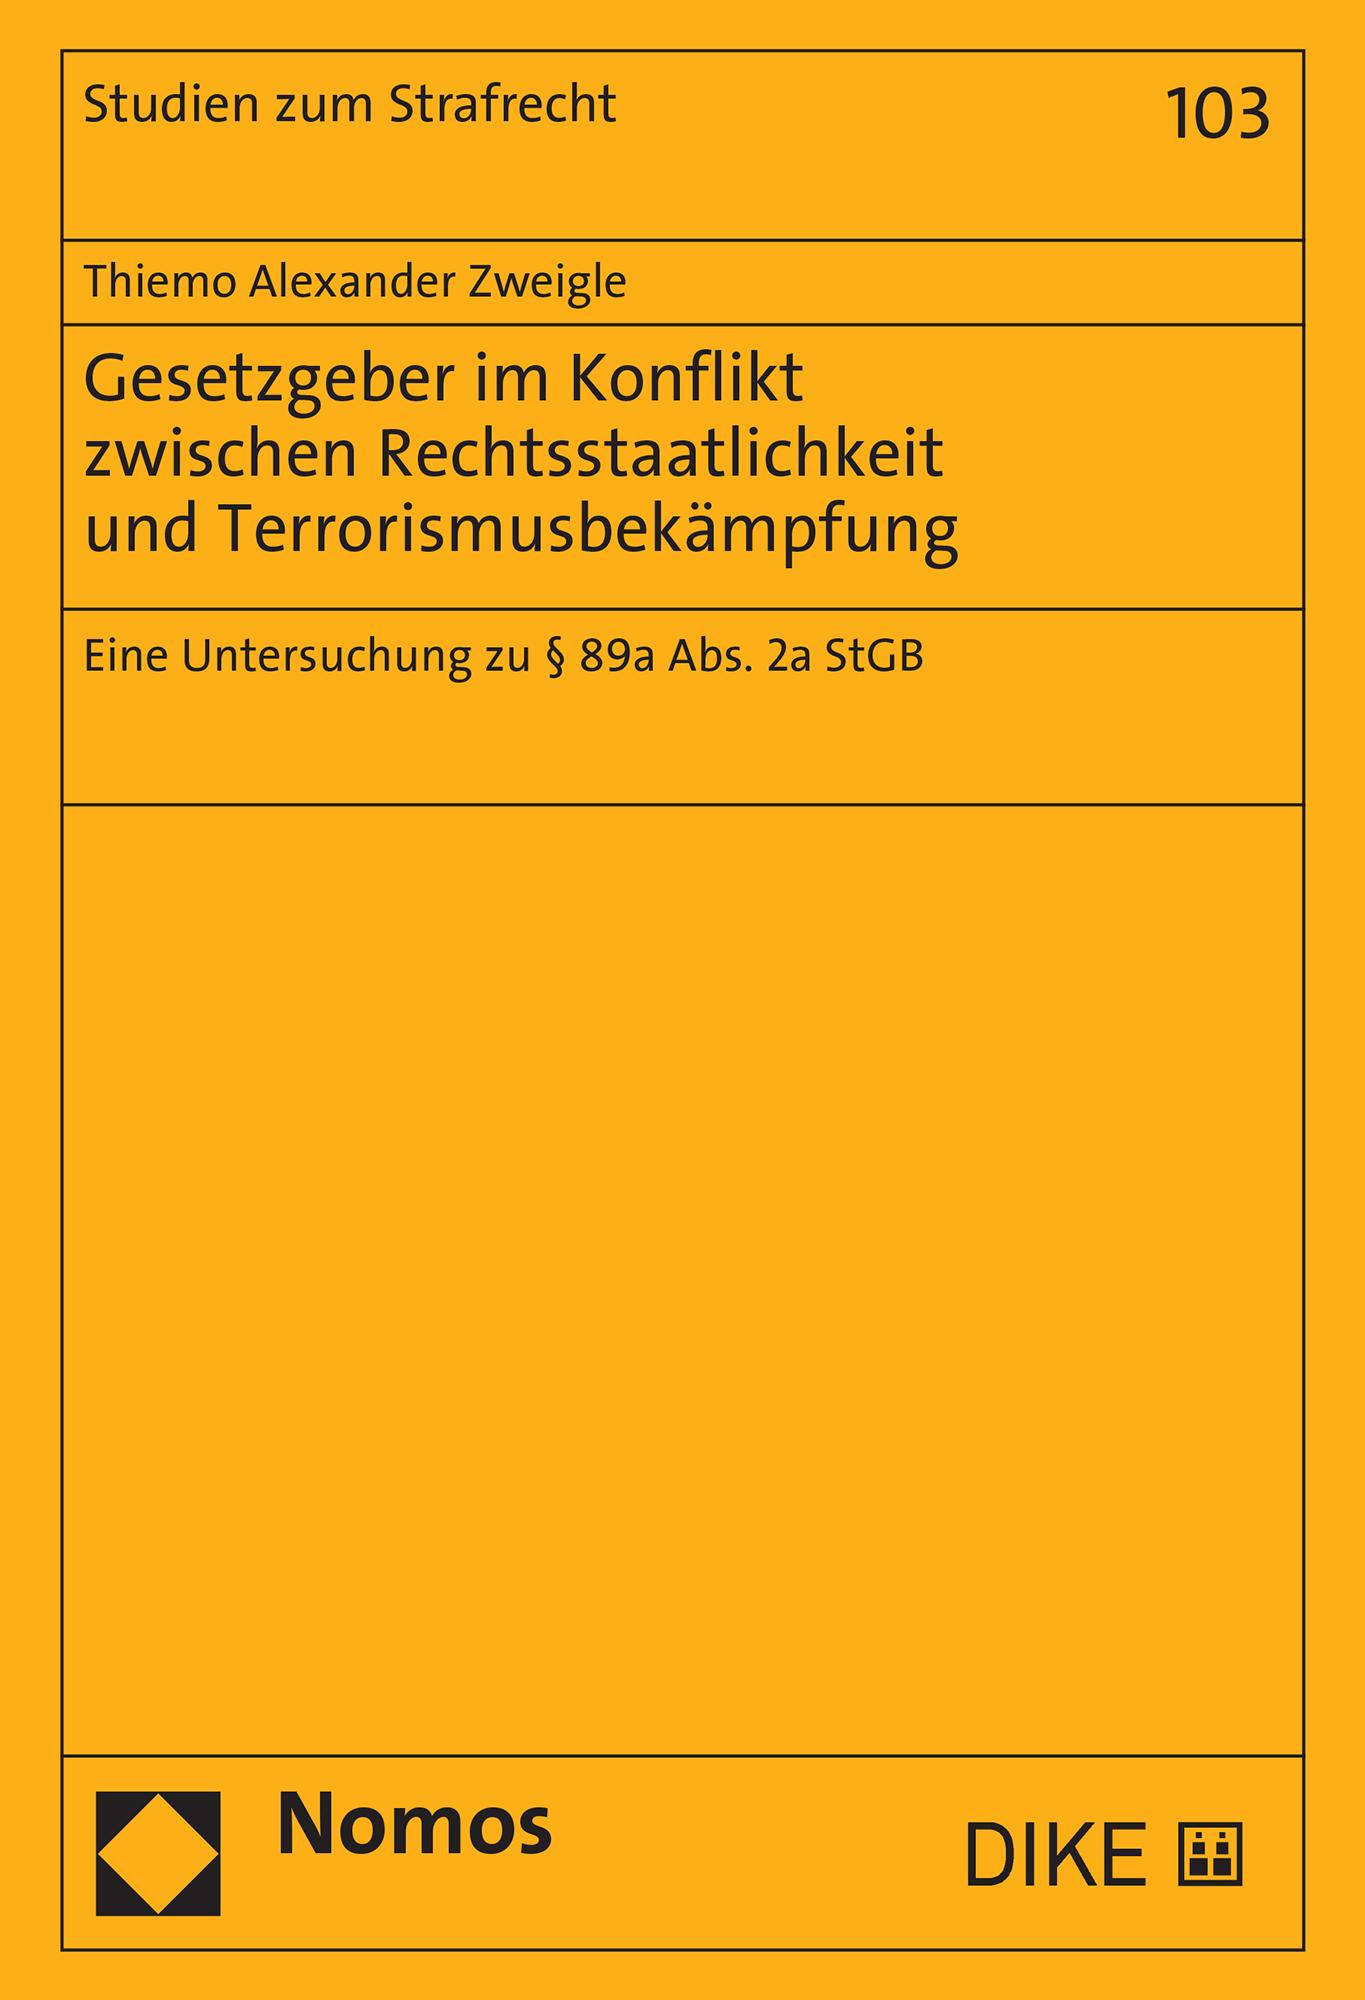 Gesetzgeber im Konflikt zwischen Rechtsstaatlichkeit und Terrorismusbekämpfung